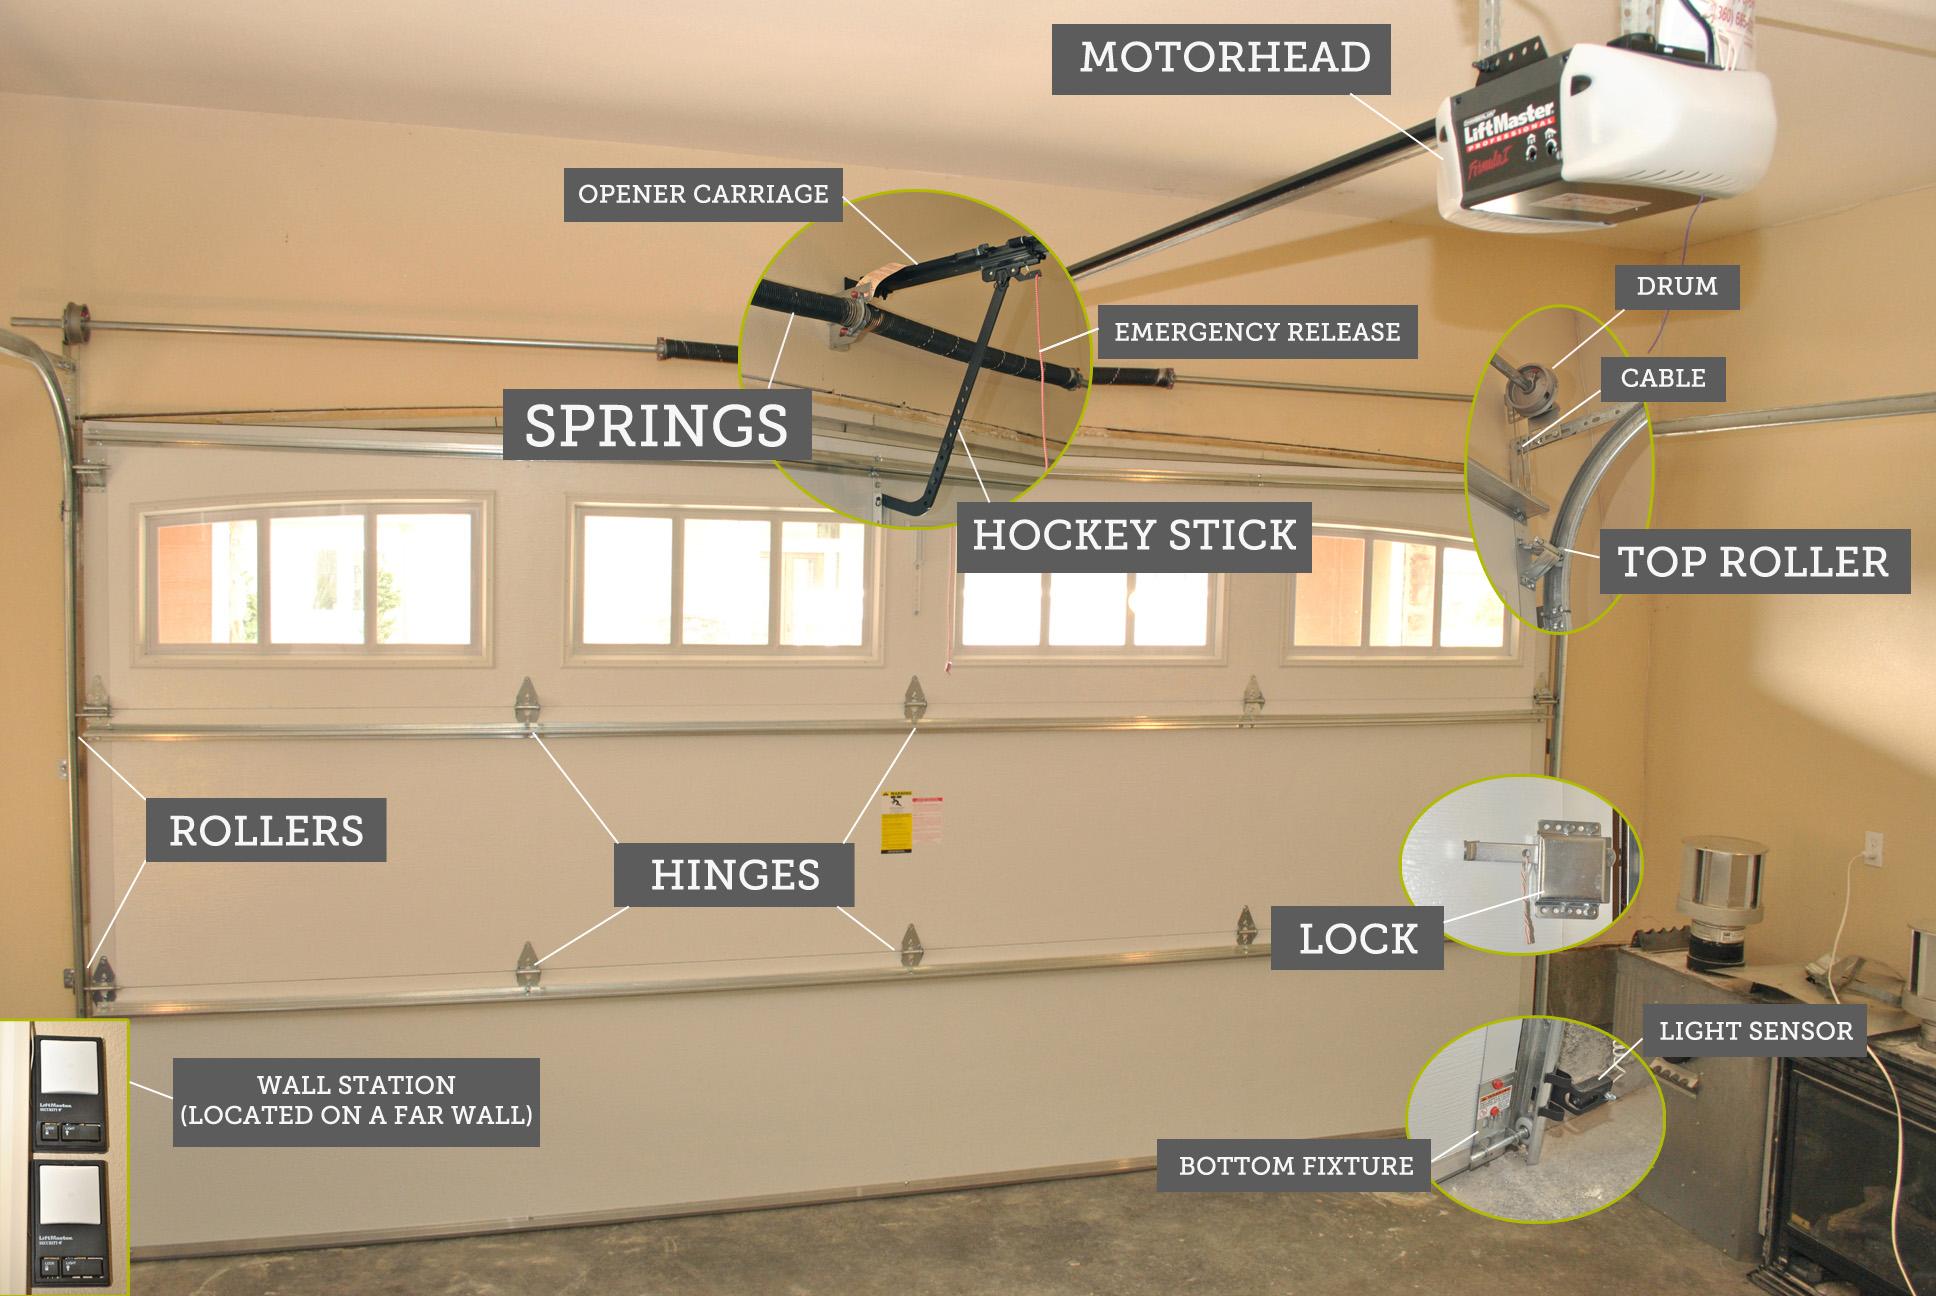 hight resolution of garage door repairs garage door opener broken markham stouffville furnace motor diagram common problems with